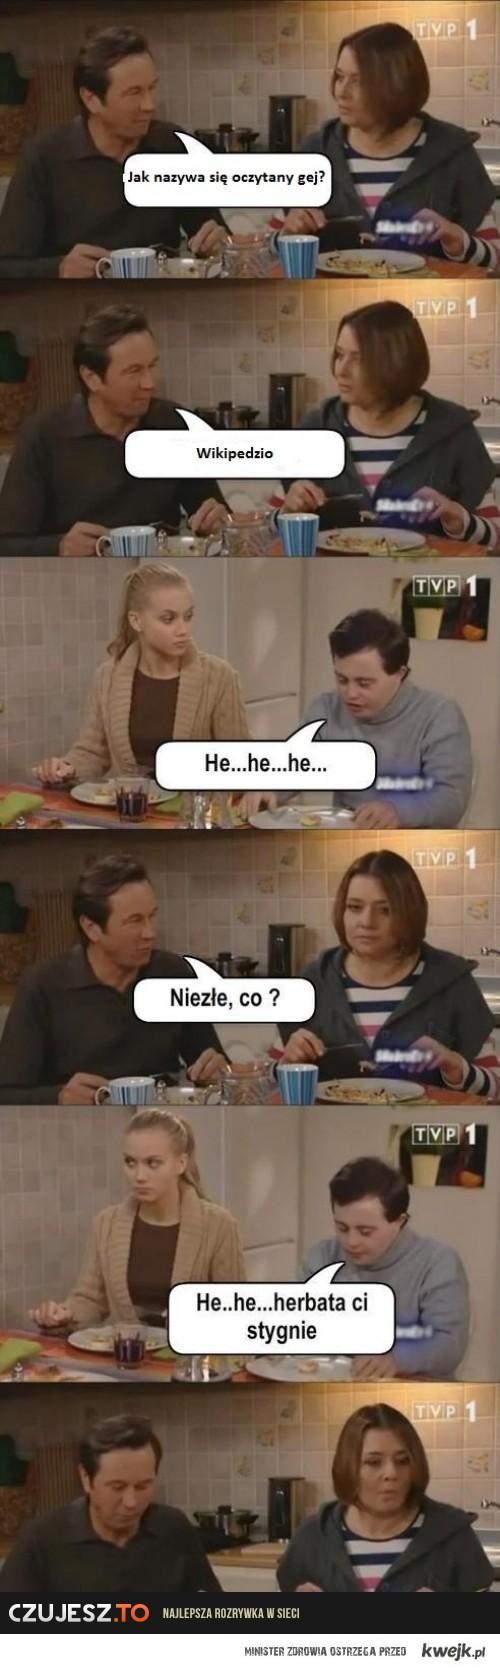 ha ha Gej ;D